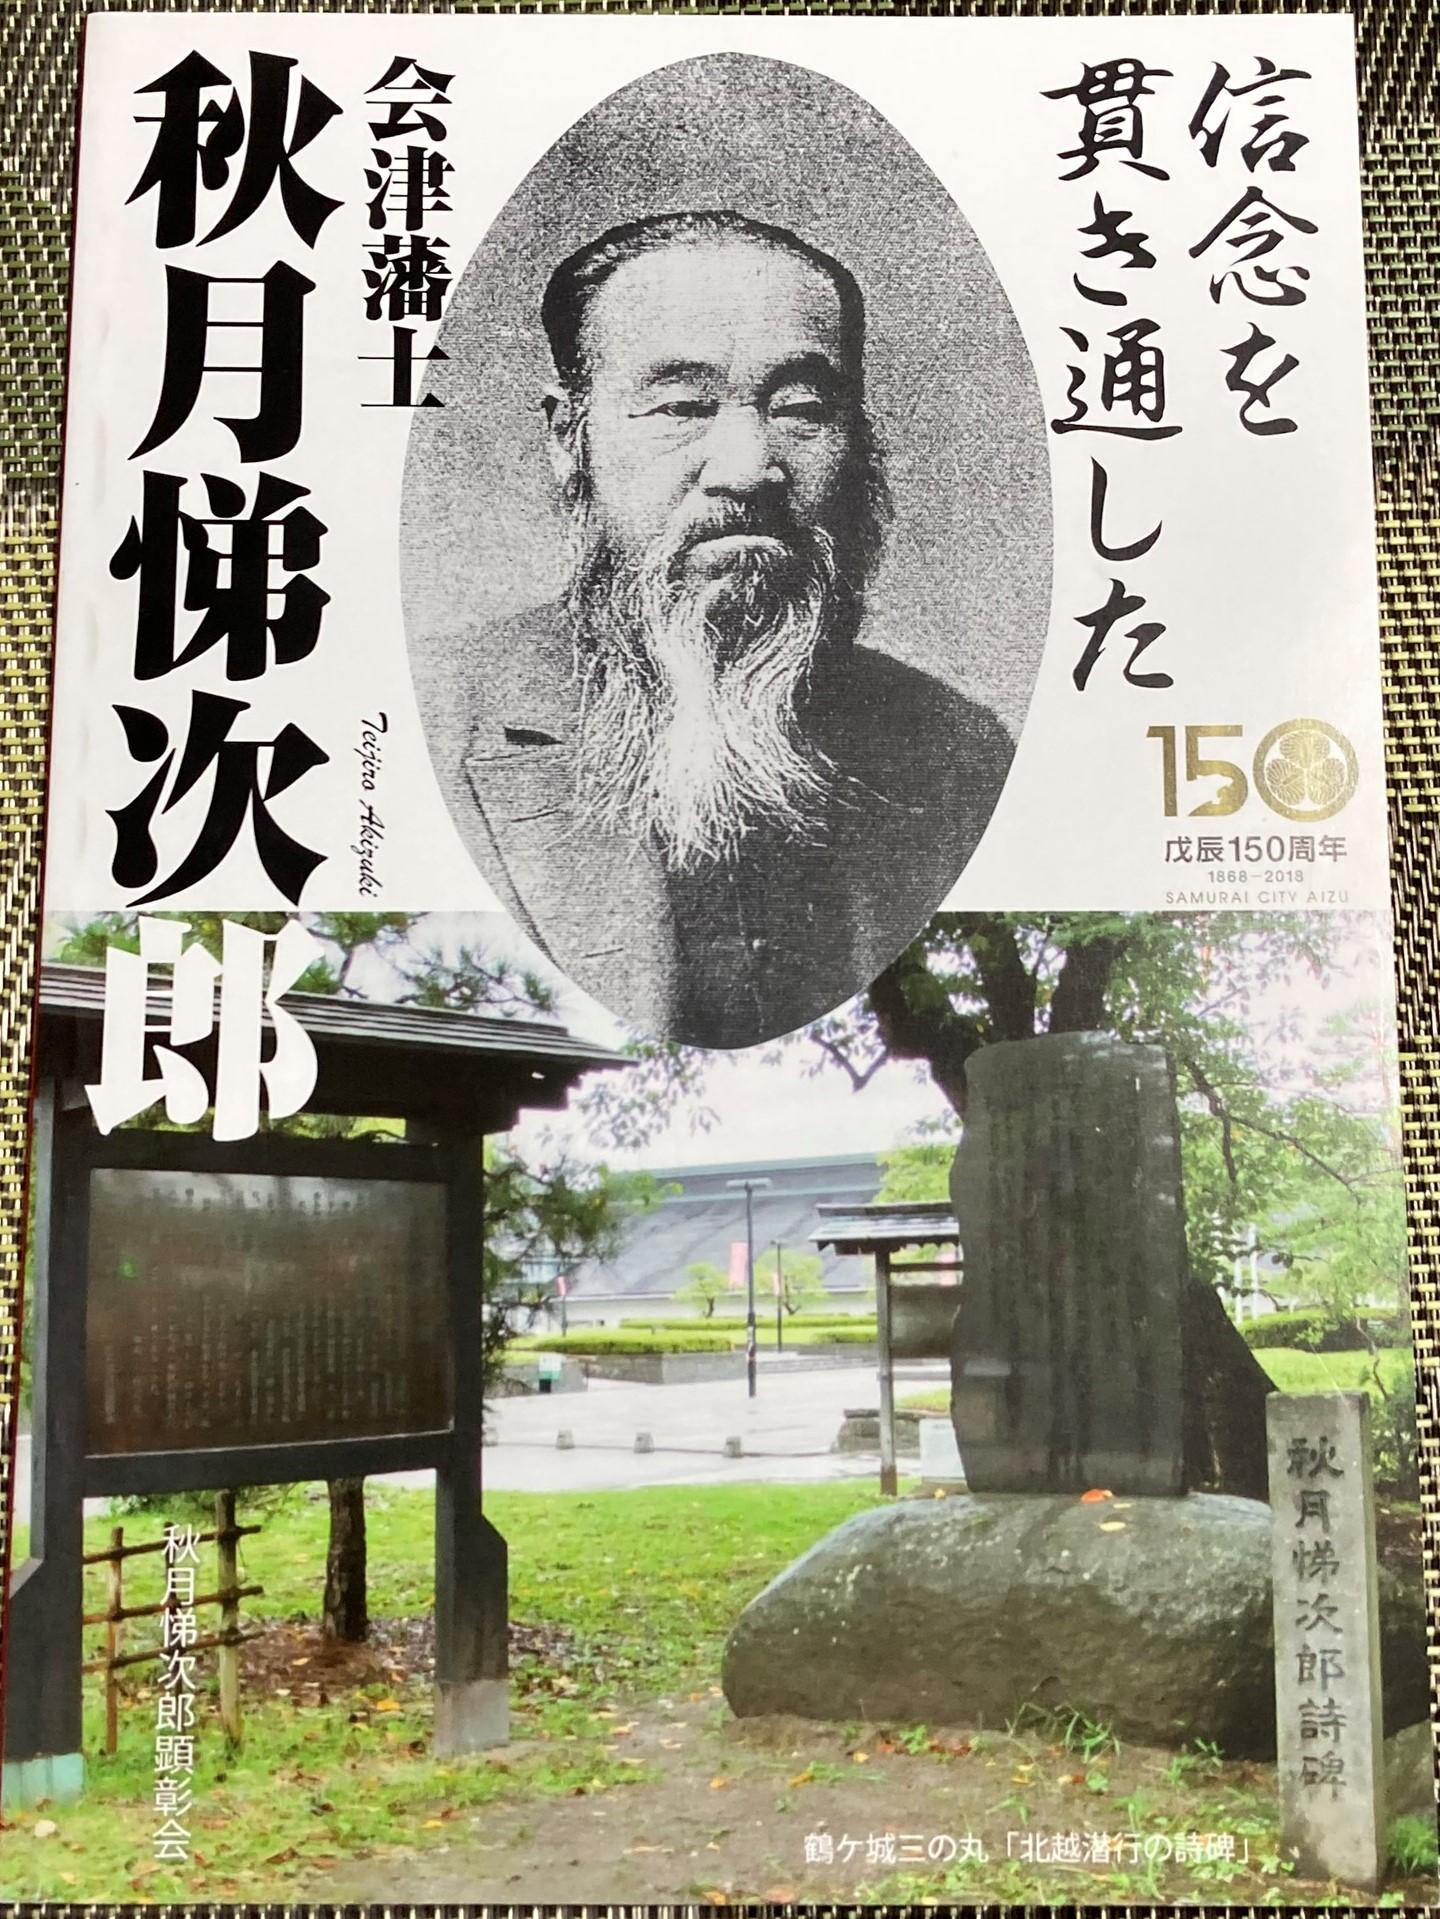 信念を貫き通した会津藩士 秋月悌次郎